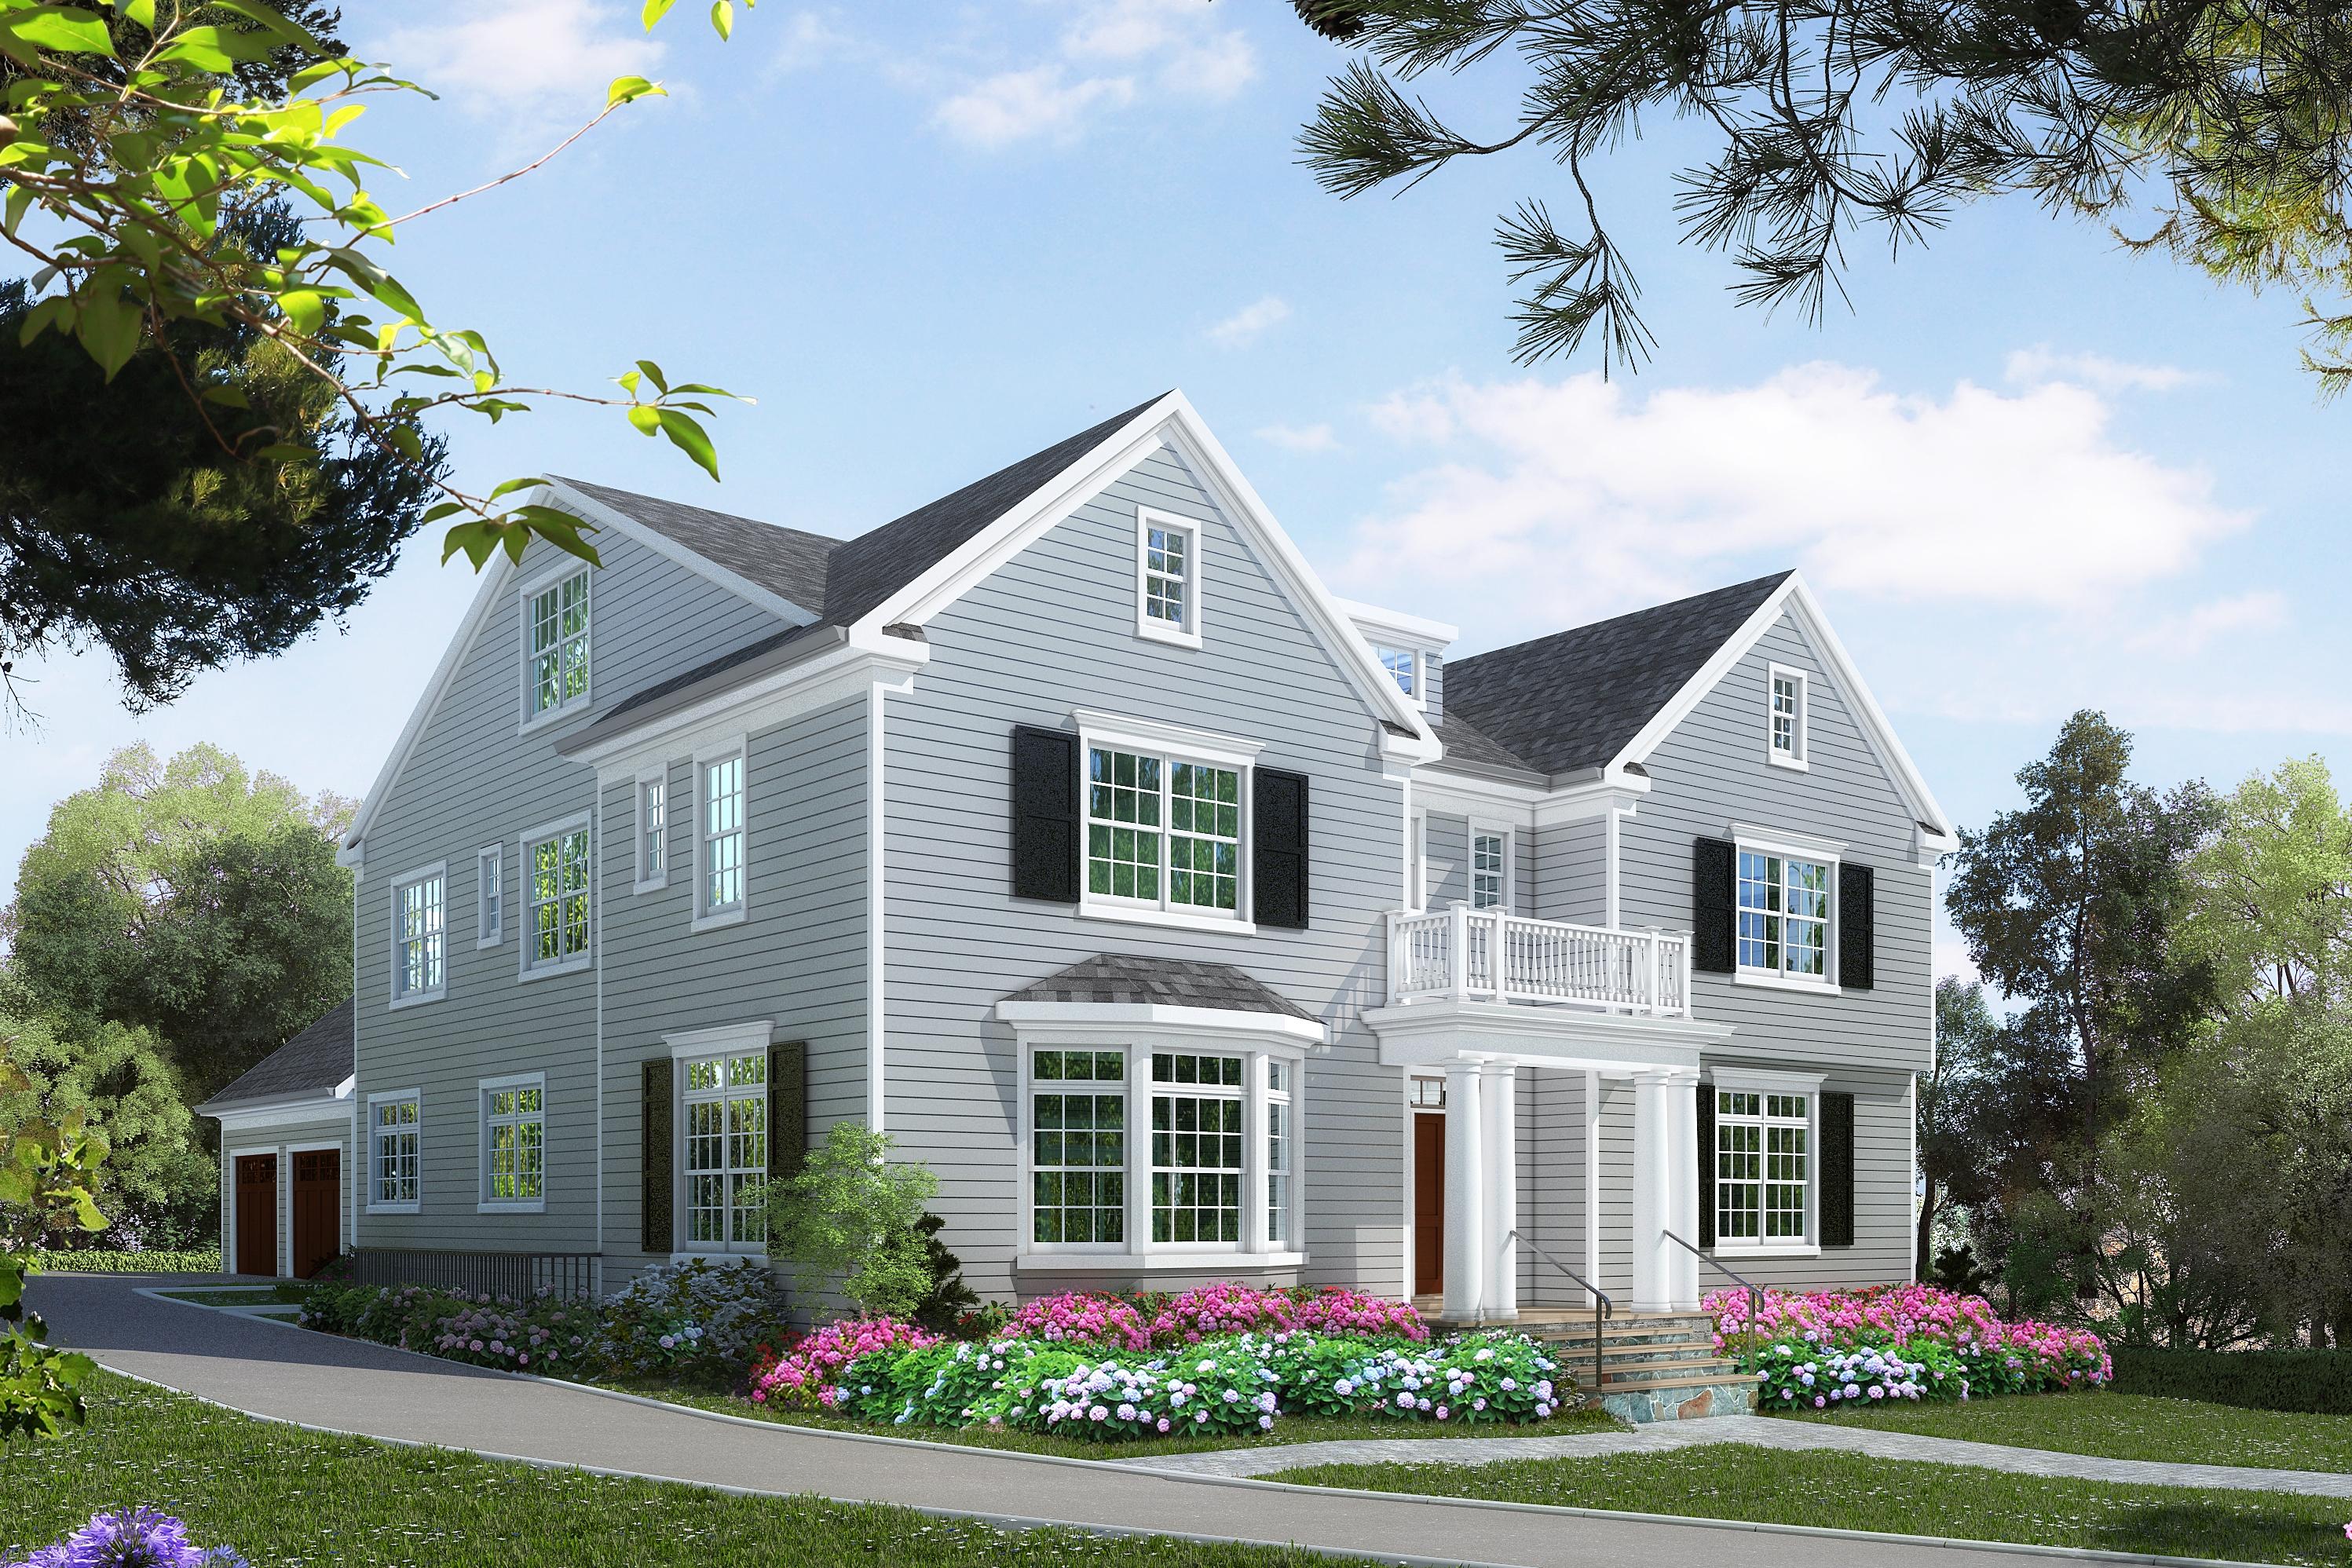 一戸建て のために 売買 アット 351 Park Avenue Rye, ニューヨーク, 10580 アメリカ合衆国